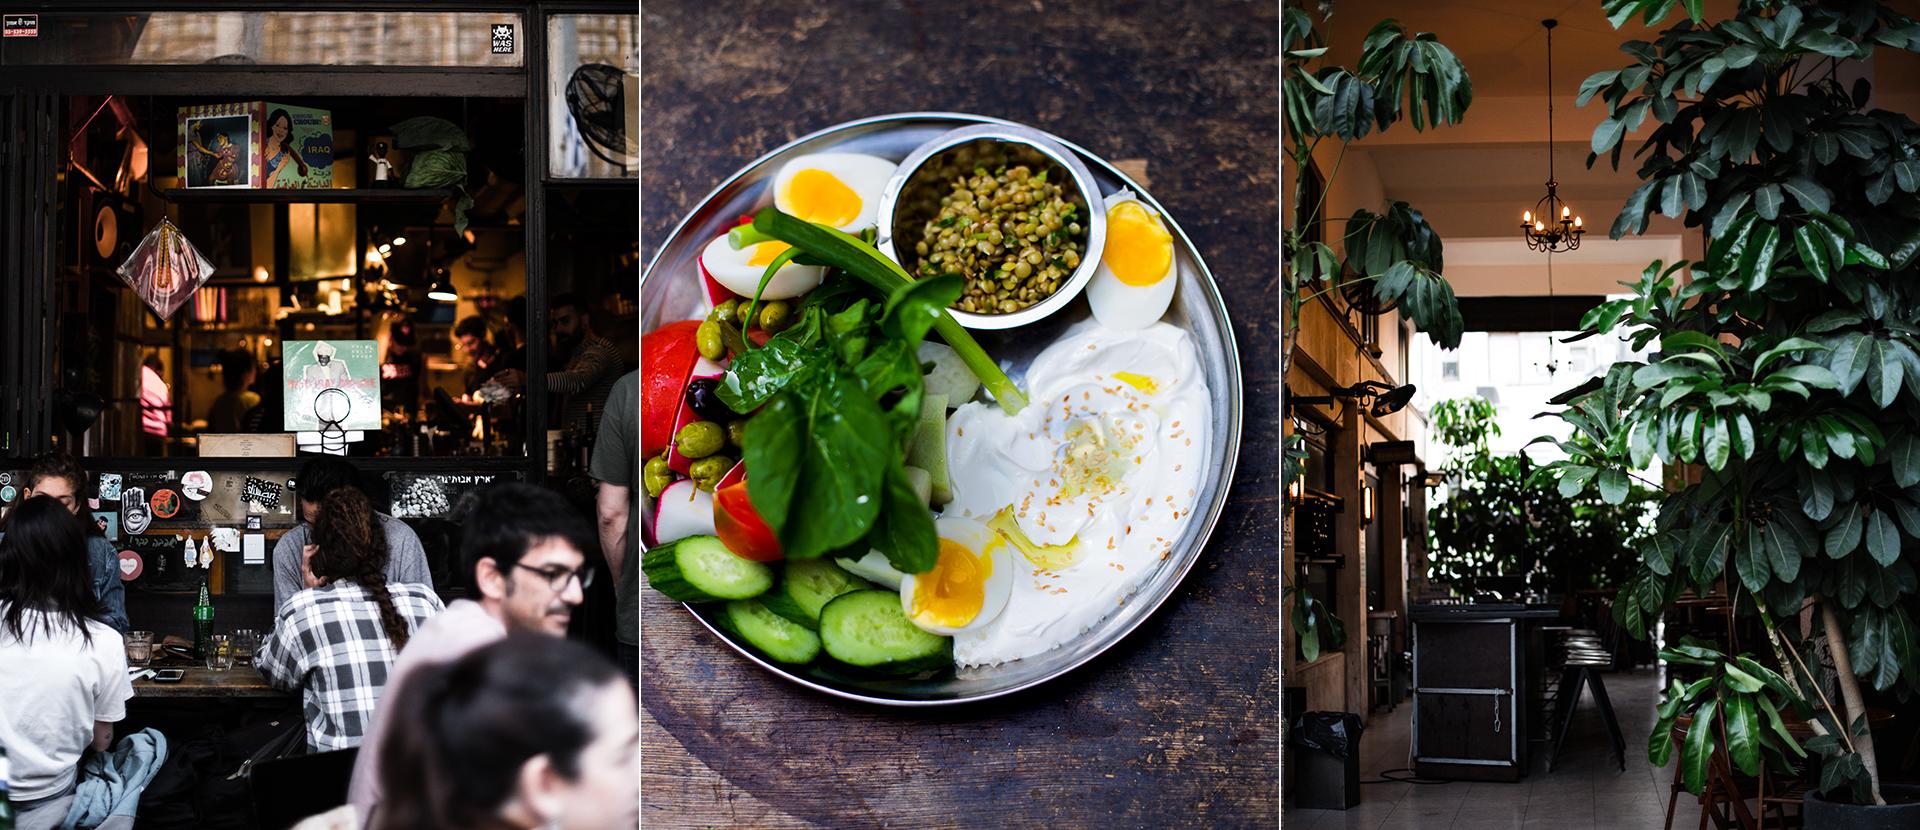 Terrasse mit Personen beim Essen in einem Lokal in TelAviv. Teller mit Joghurt, Olivenoel, wachsweiches Ei, Gurken,  Tomaten, Oliven und Salat.